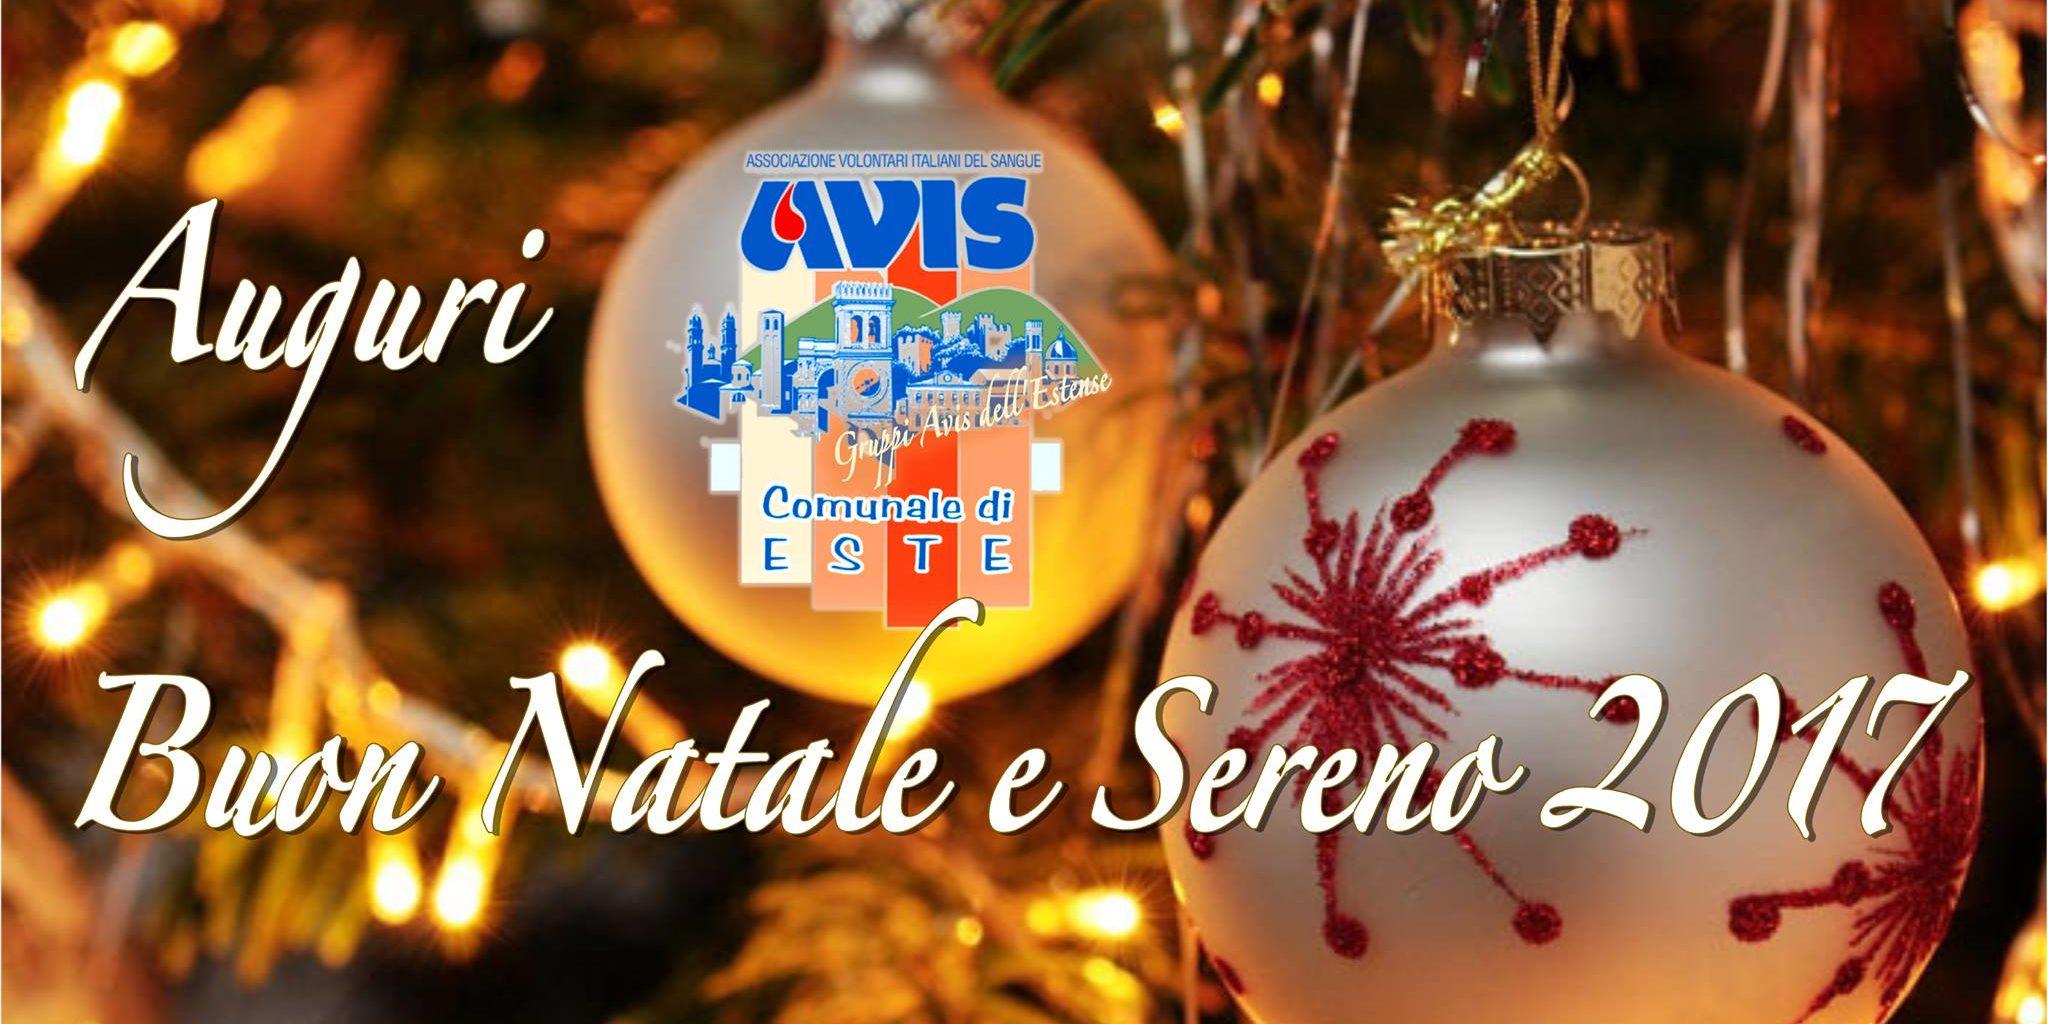 Foto E Auguri Di Buon Natale.Auguri Di Buon Natale E Felice 2017 Avis Comunale Di Este Padova